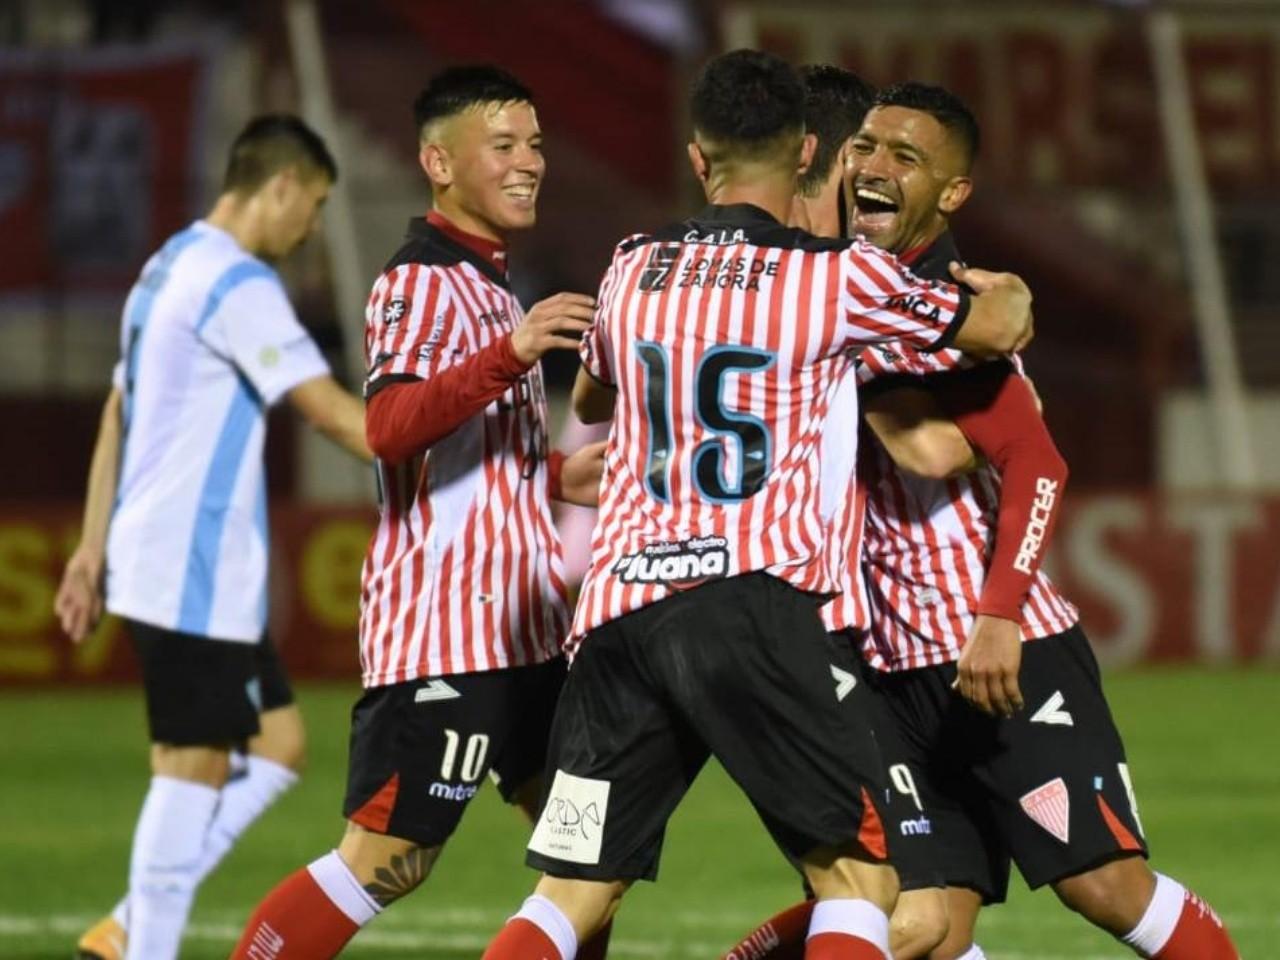 Qué canal transmite Los Andes vs. Talleres RE por la Primera B | Bolavip